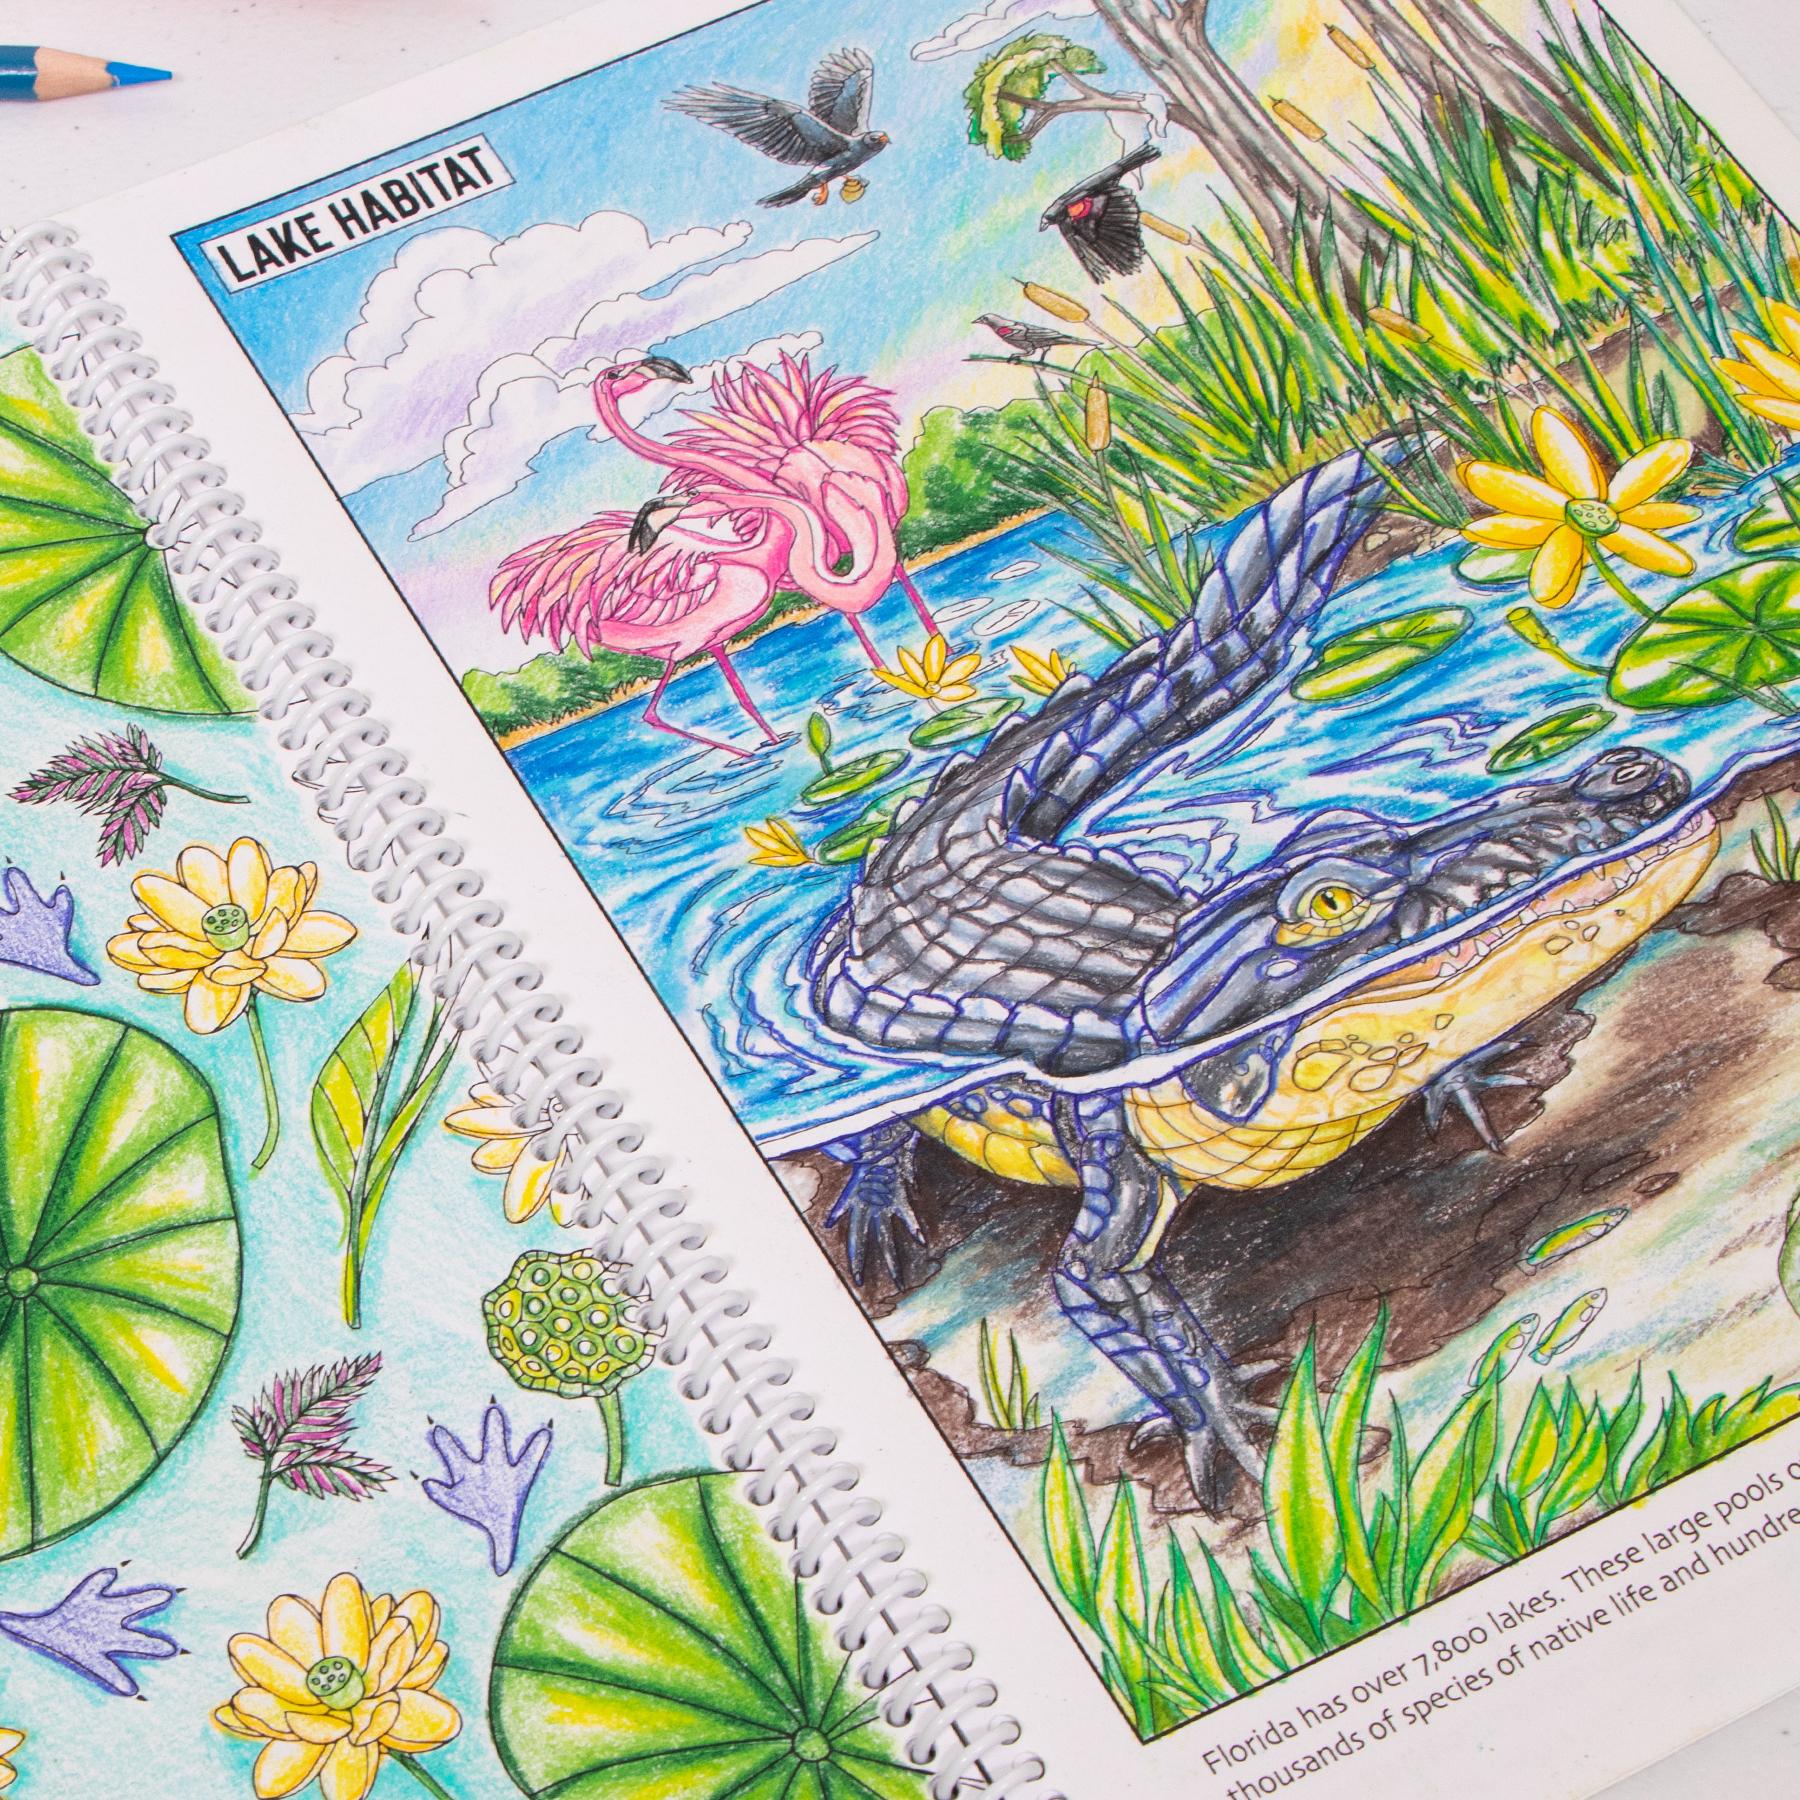 Lake habitat coloring page Wild Florida